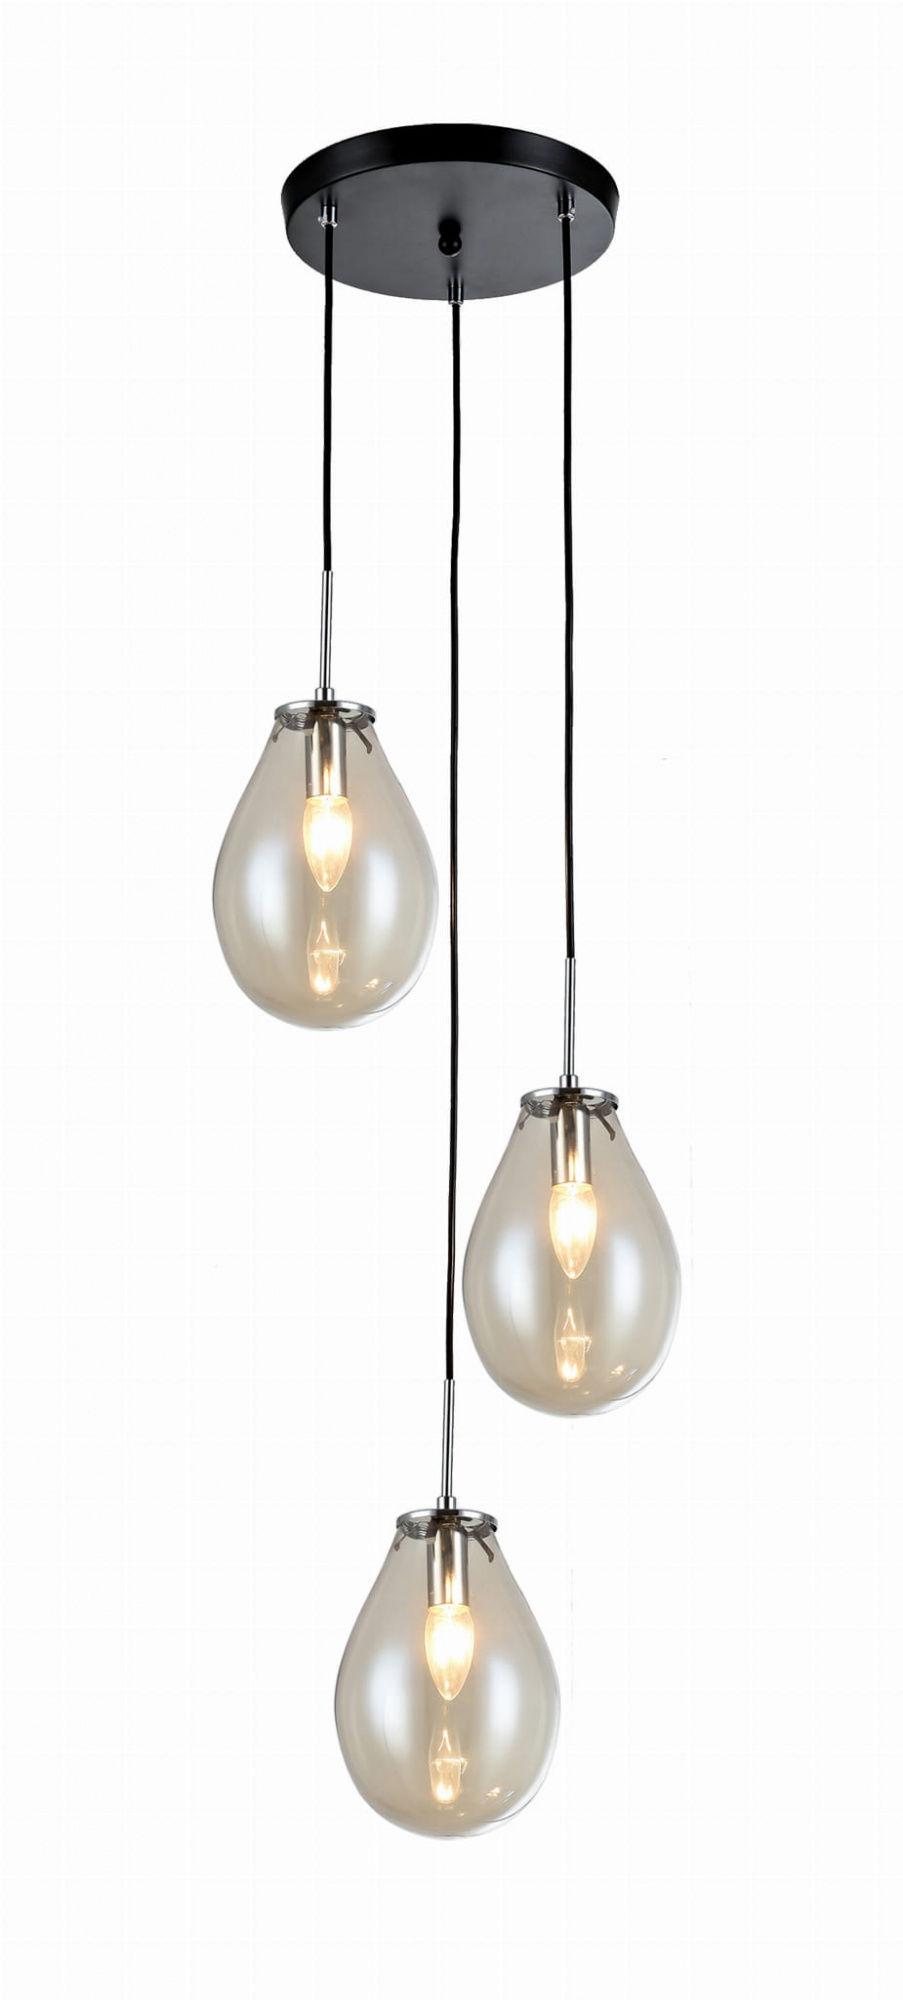 Lampa wisząca Fondi 3 LP-1214/3P nowoczesna oprawa ze szklanymi kloszami